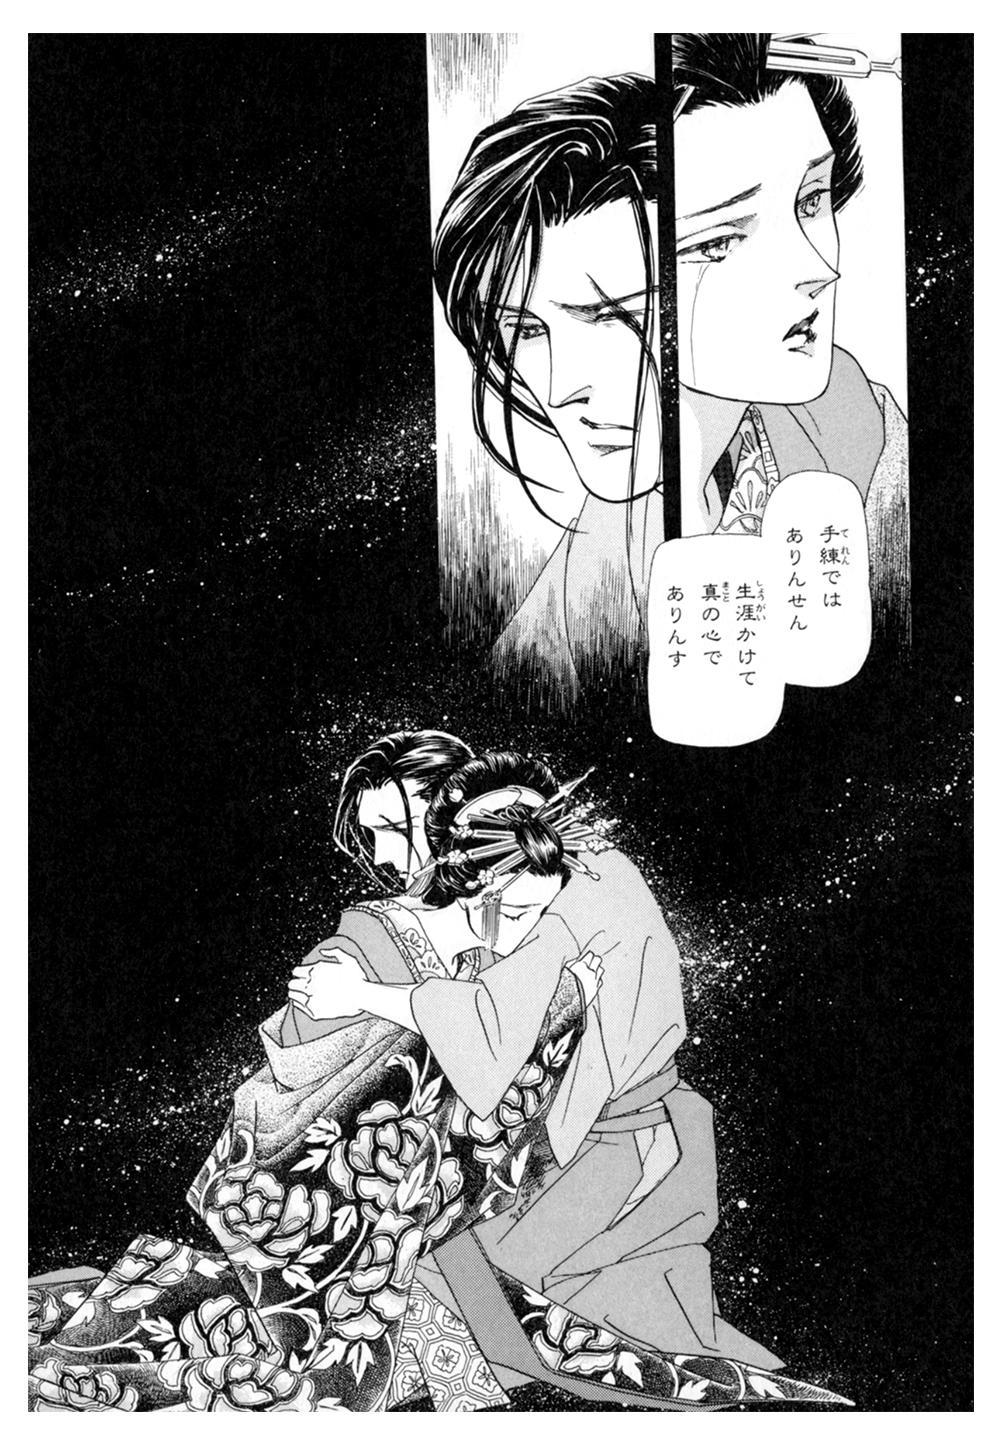 雨柳堂夢咄 第5話「花に暮れる」2uryudo-02-137.jpg